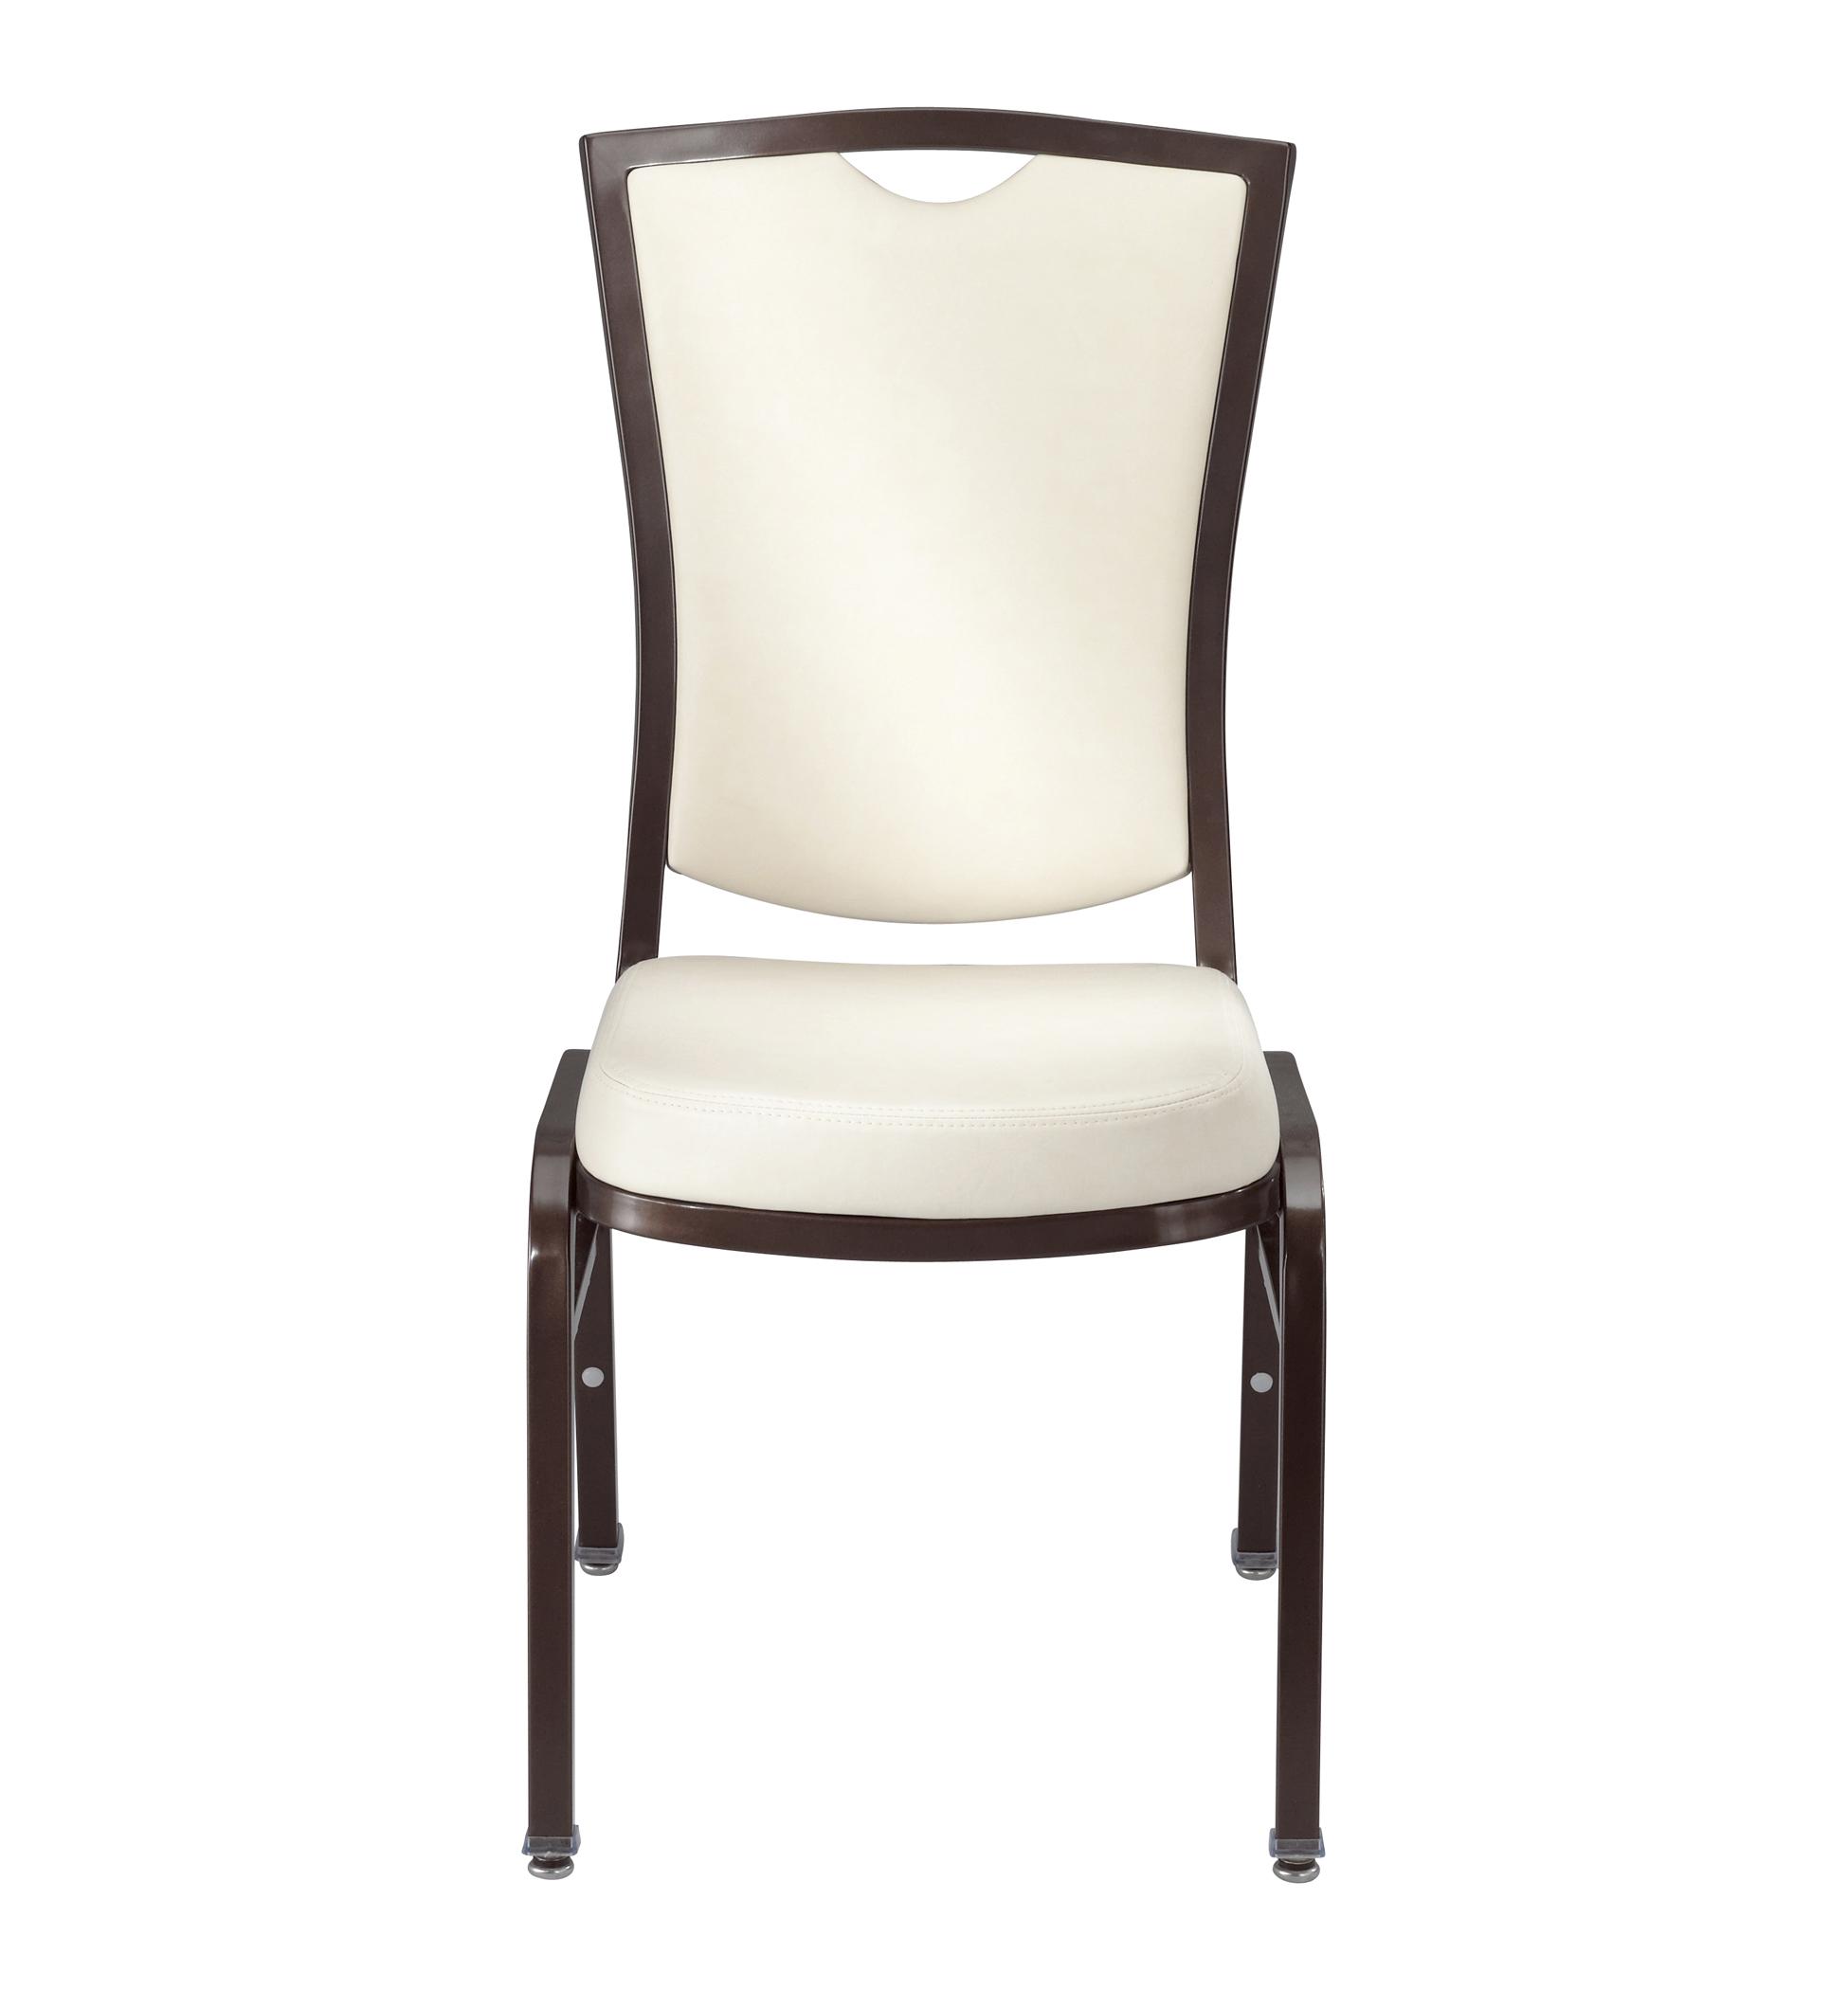 8668 8668 Ab Aluminum Banquet Chair